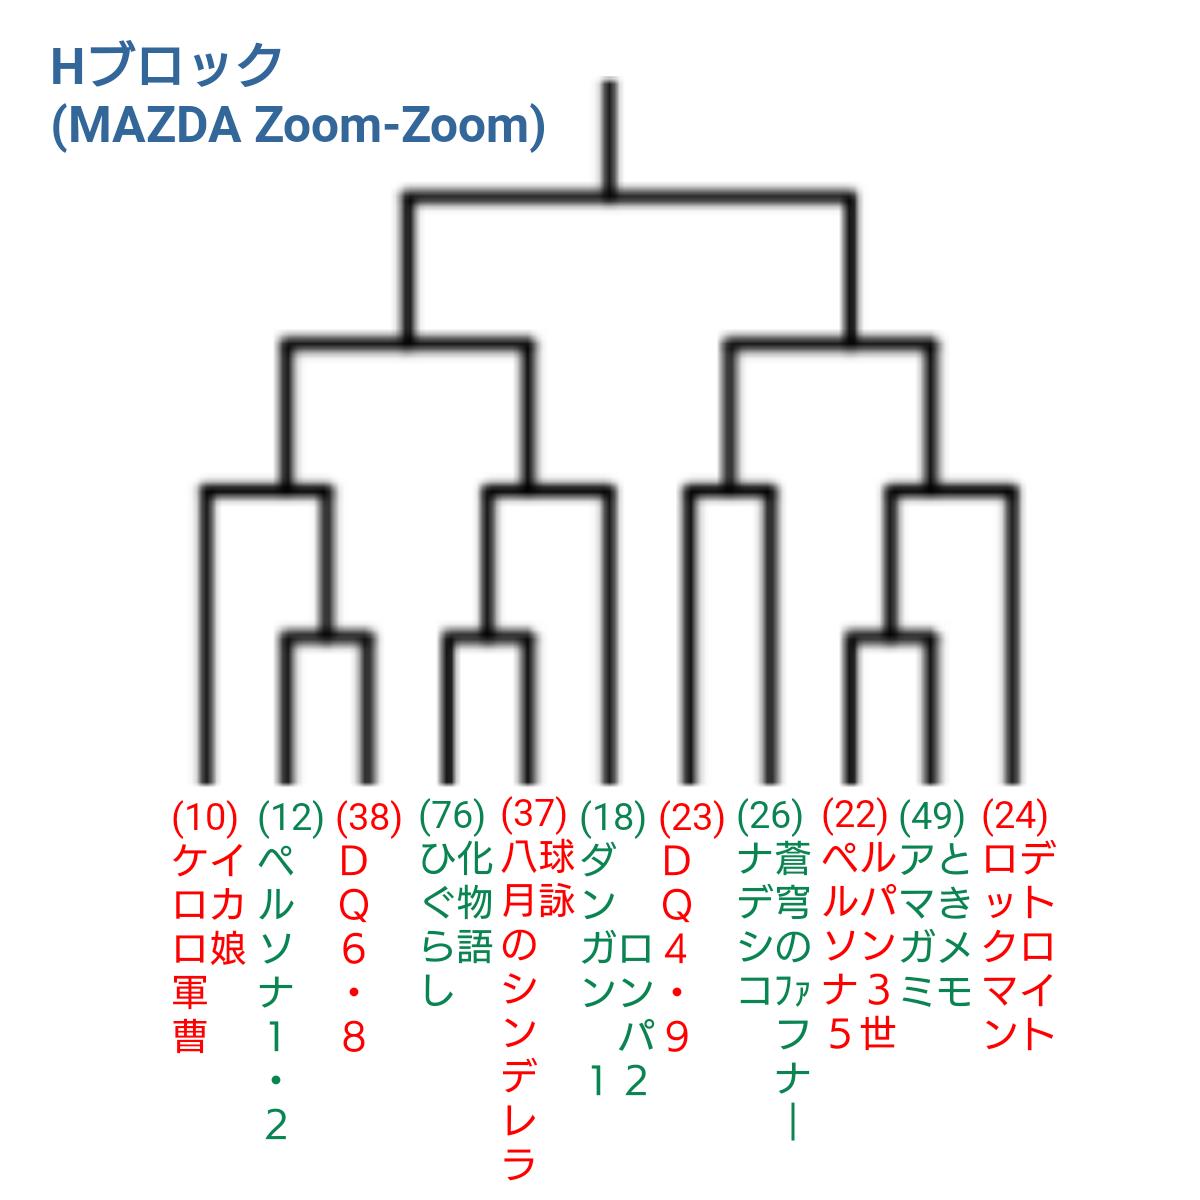 f:id:kinokomagic:20201230025043p:plain